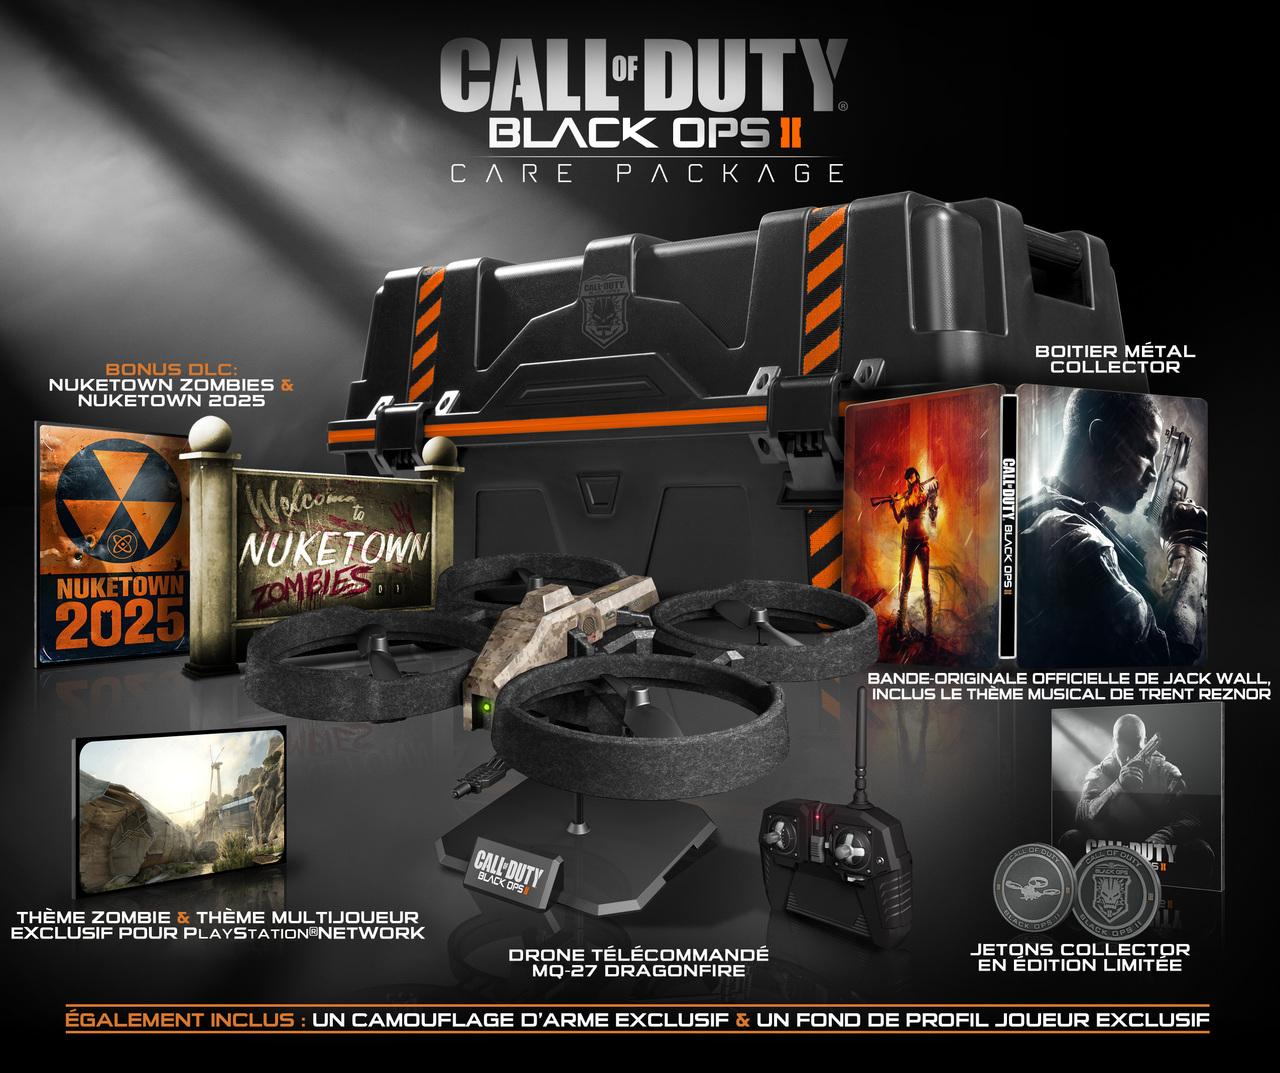 Call Of Duty Black OPS 2 Call-of-duty-black-ops-ii-playstation-3-ps3-1346175304-021